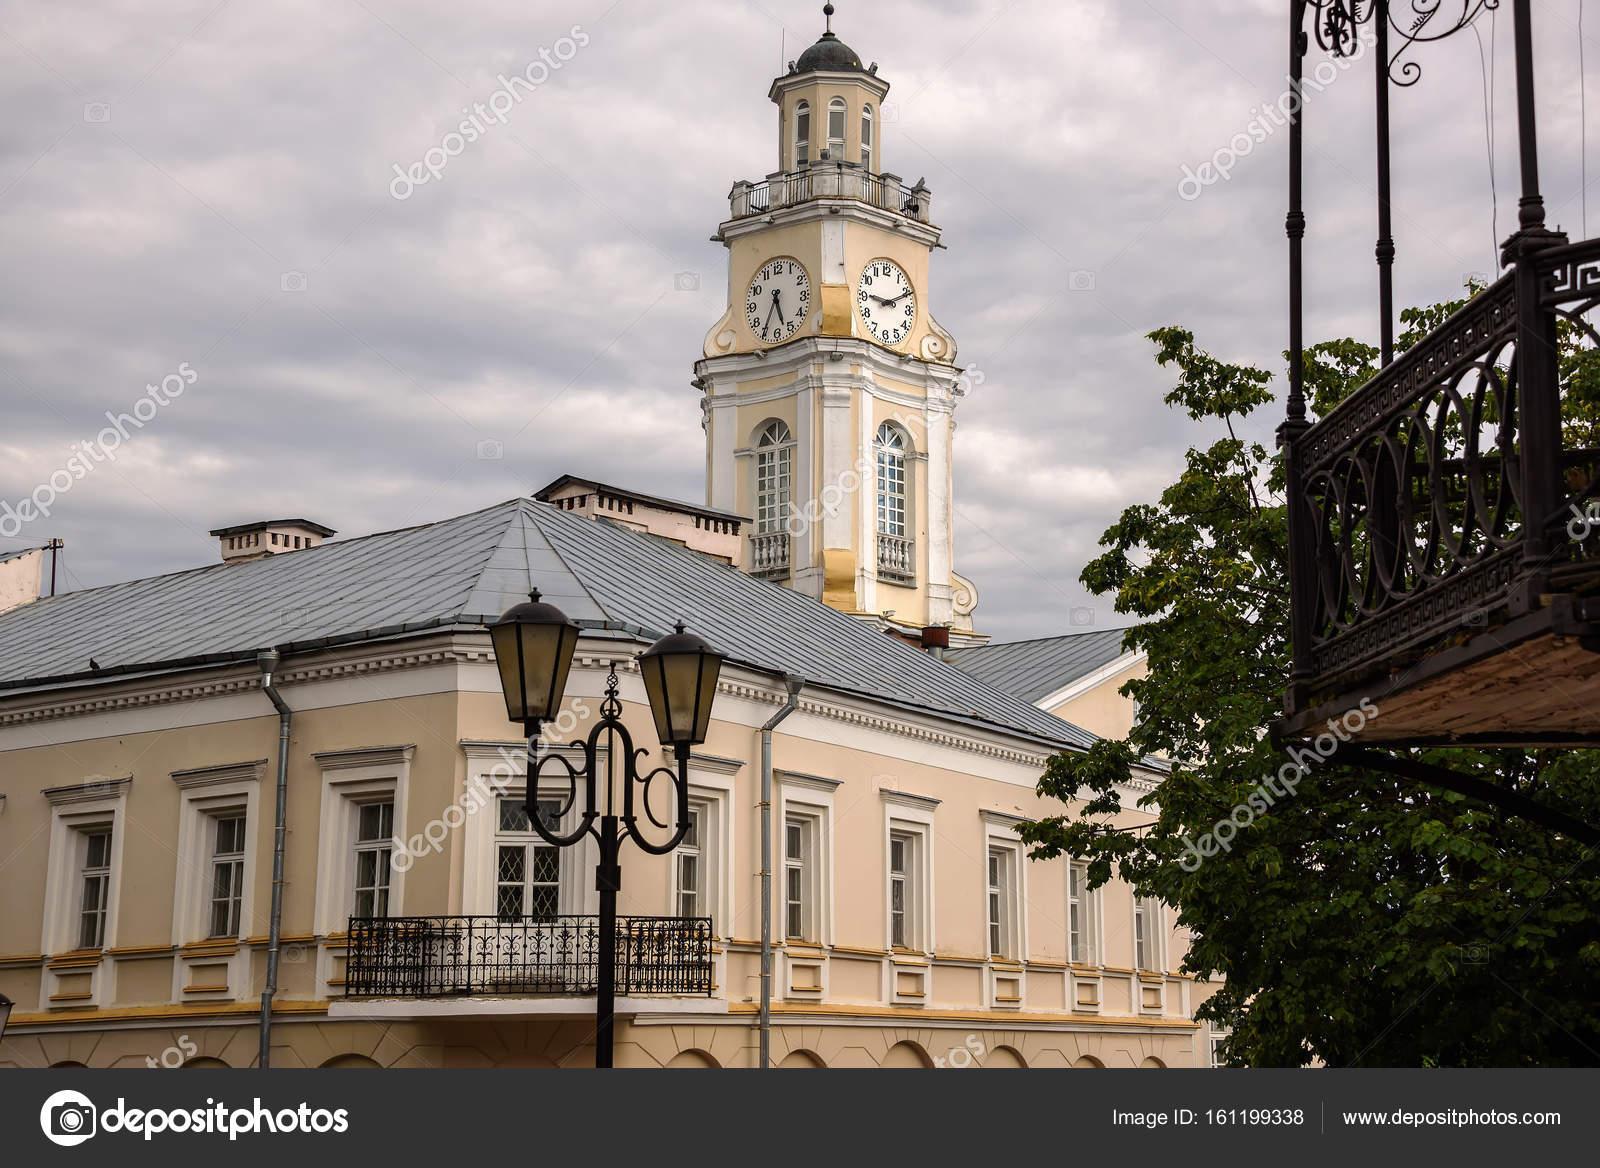 古い家やヴィチェプスクの時計塔...